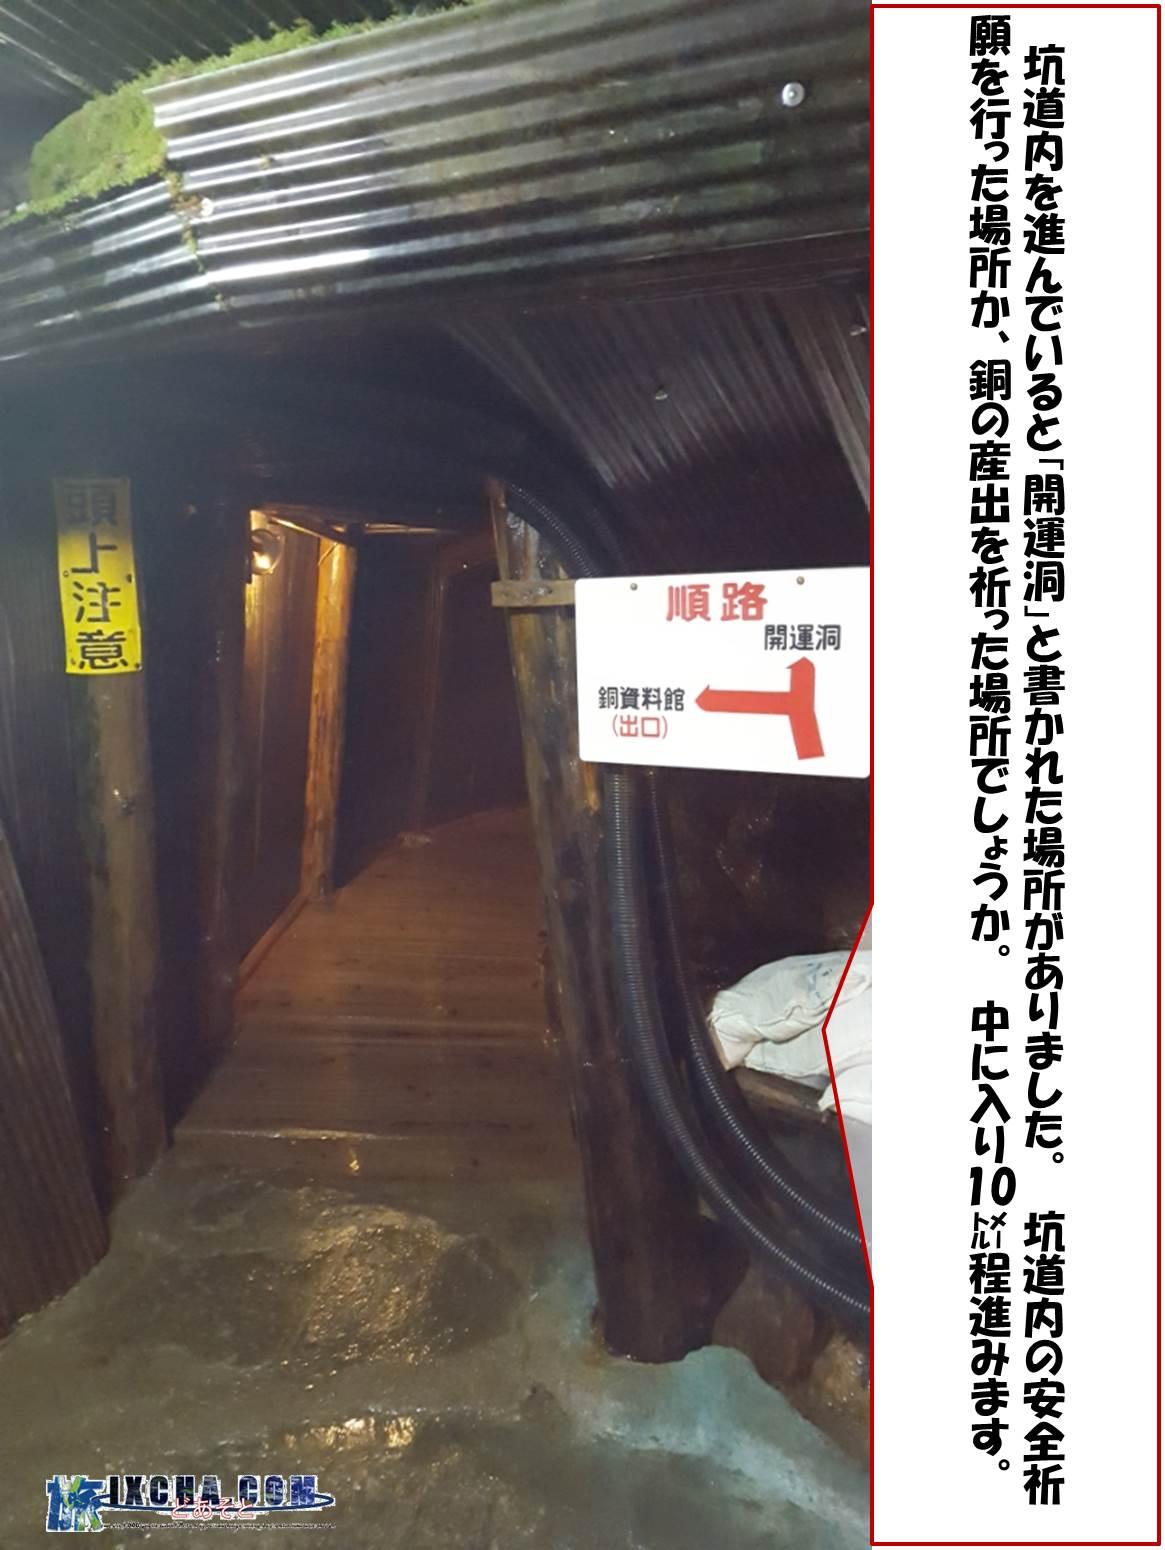 坑道内を進んでいると「開運洞」と書かれた場所がありました。 坑道内の安全祈願を行った場所か、銅の産出を祈った場所でしょうか。 中に入り10㍍程進みます。